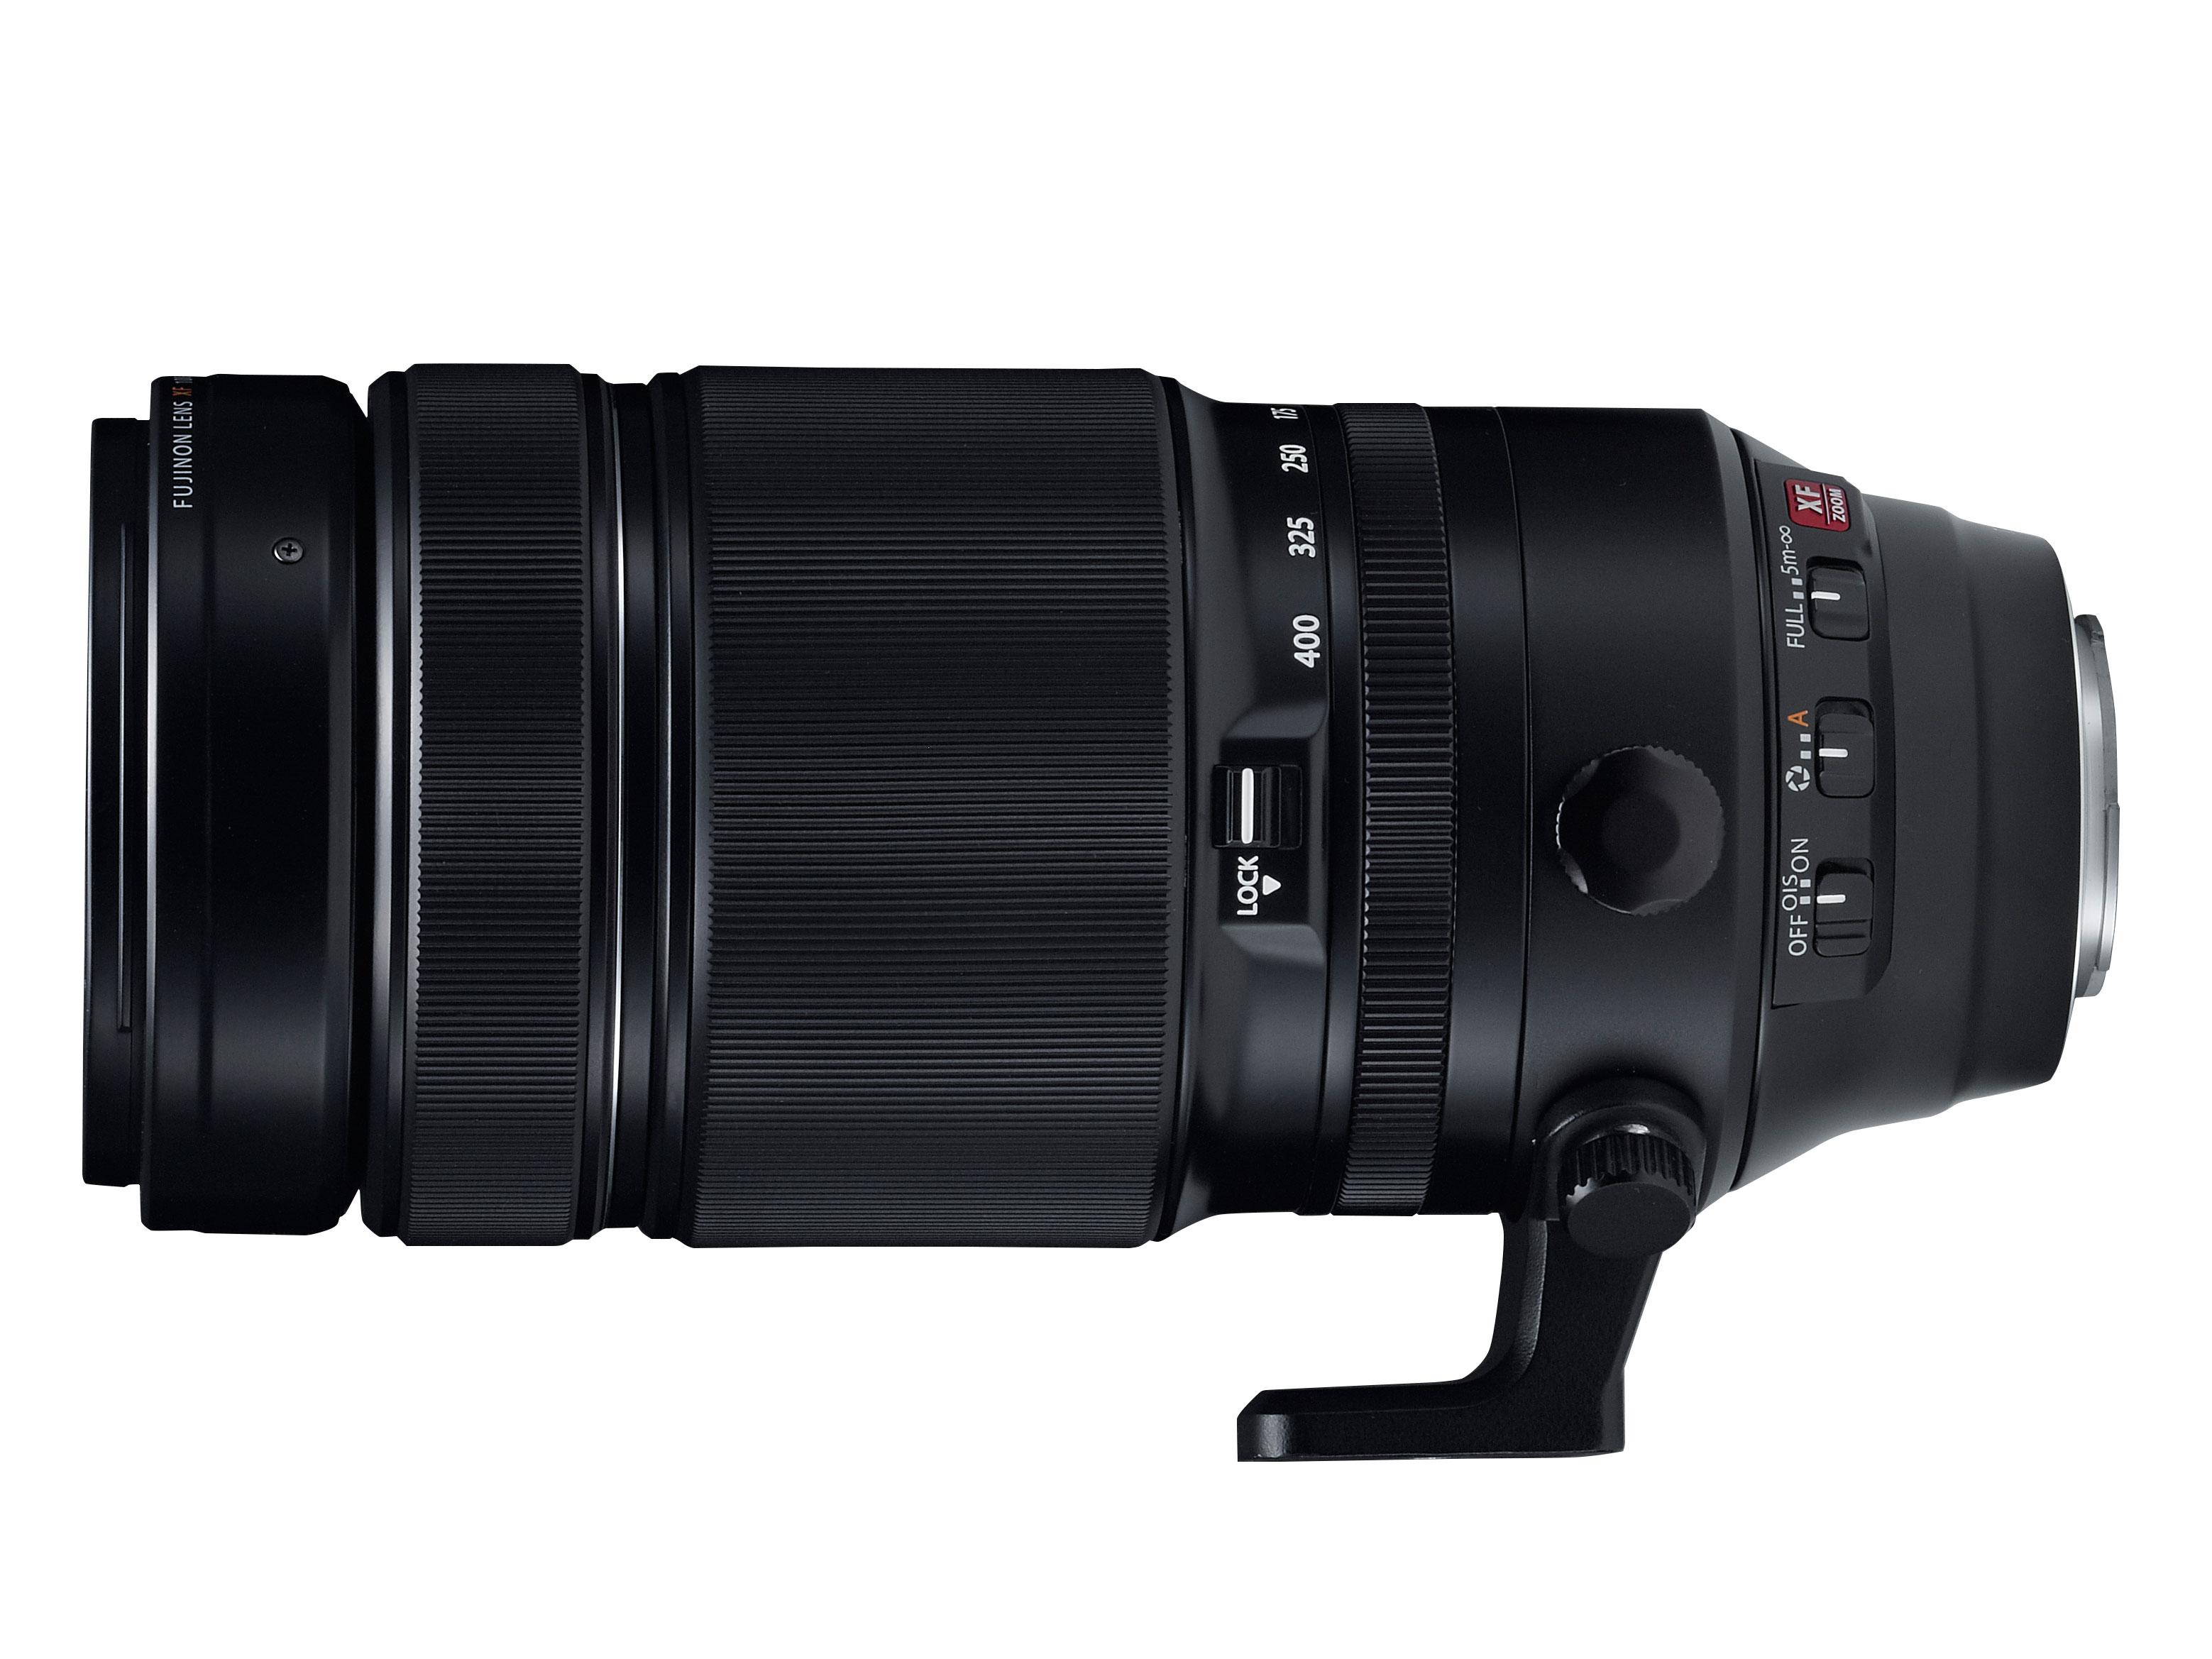 fujinon-xf100-400mm-f4-5-5-6-r-lm-ois-wr